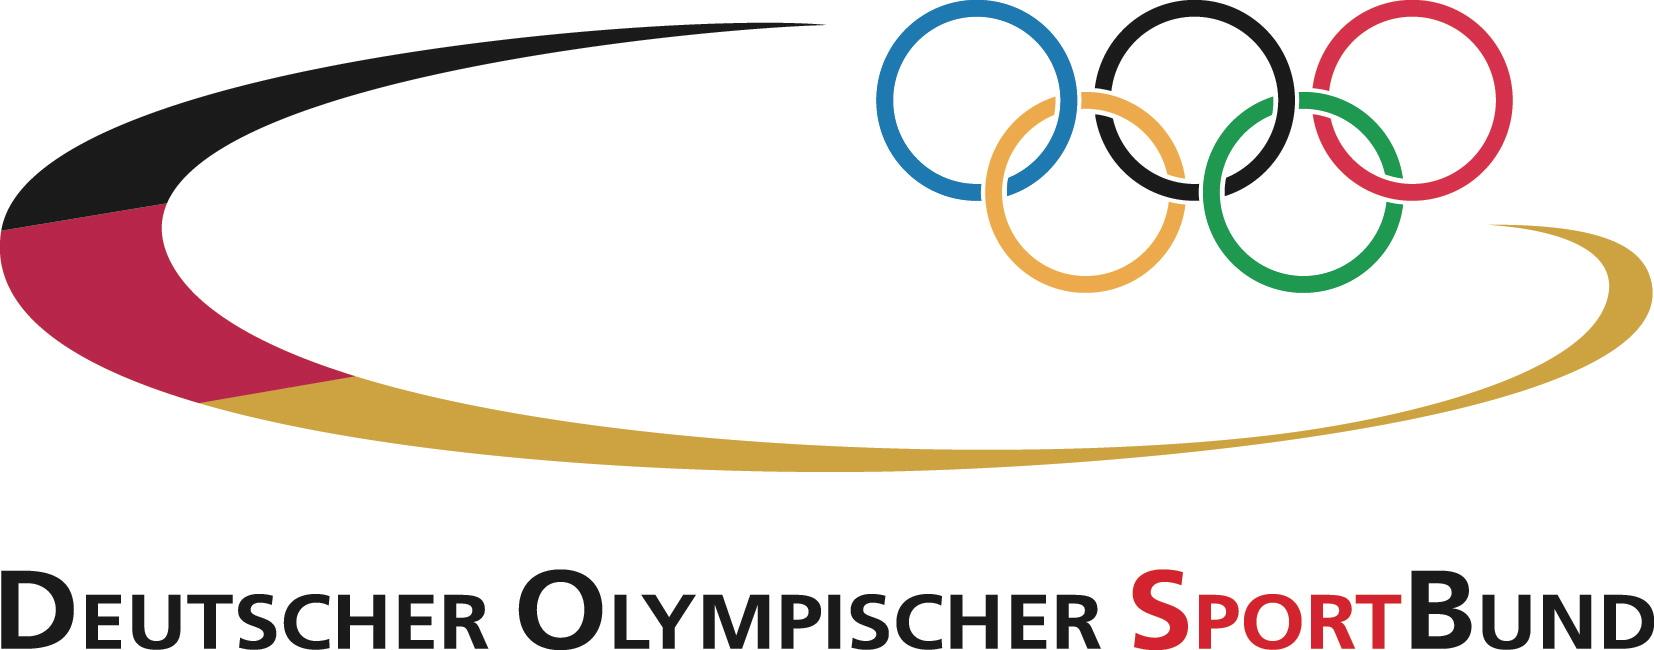 Bayern-24/7.de - Bayern Infos & Bayern Tipps | Deutscher Olympischer SportBund (DOSB)